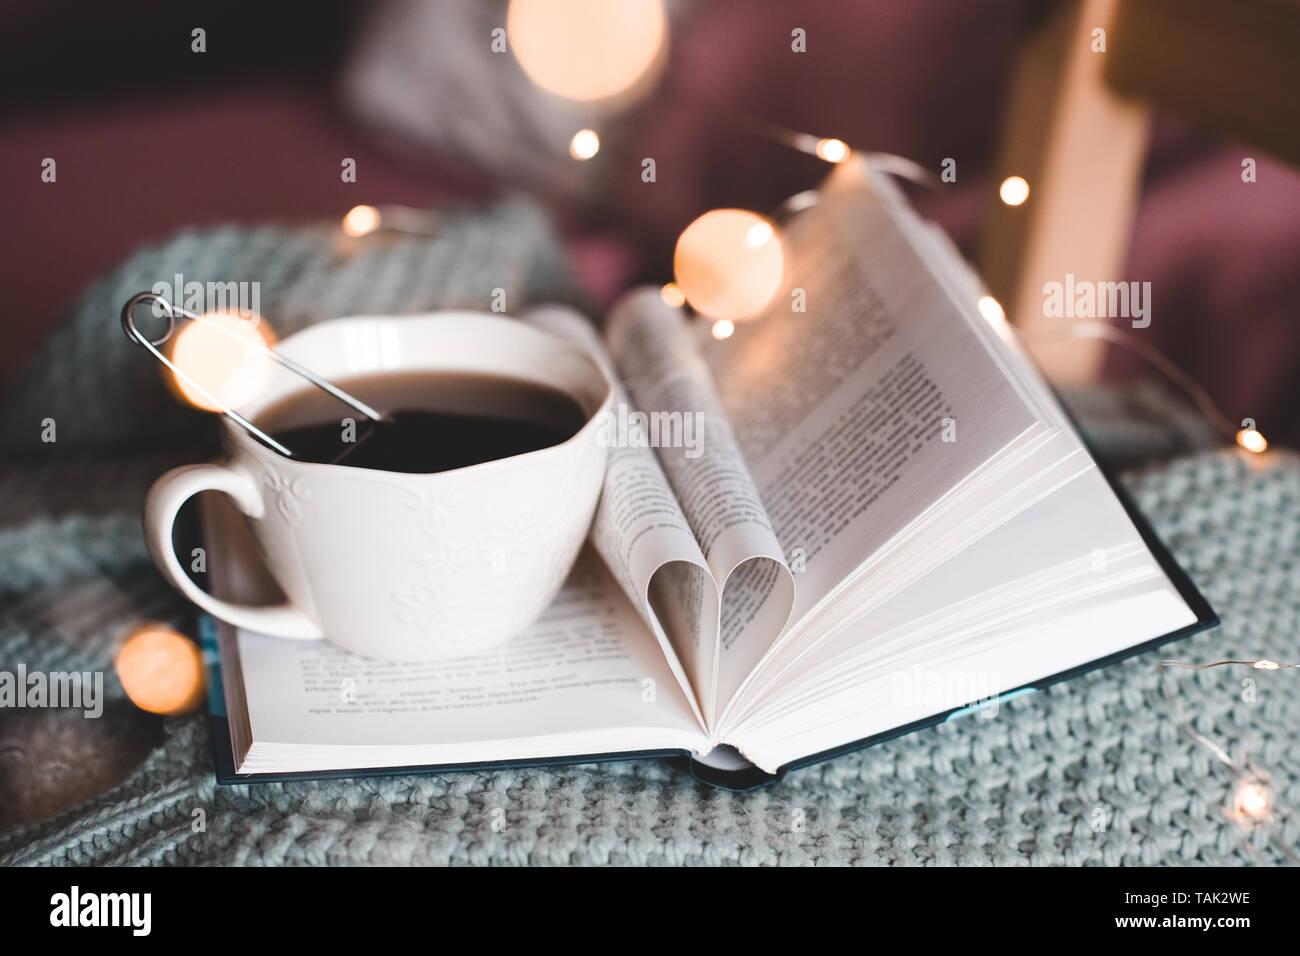 Tasse Schwarzen Kaffee Bleiben Auf öffnen Mit Mit Herz Aus